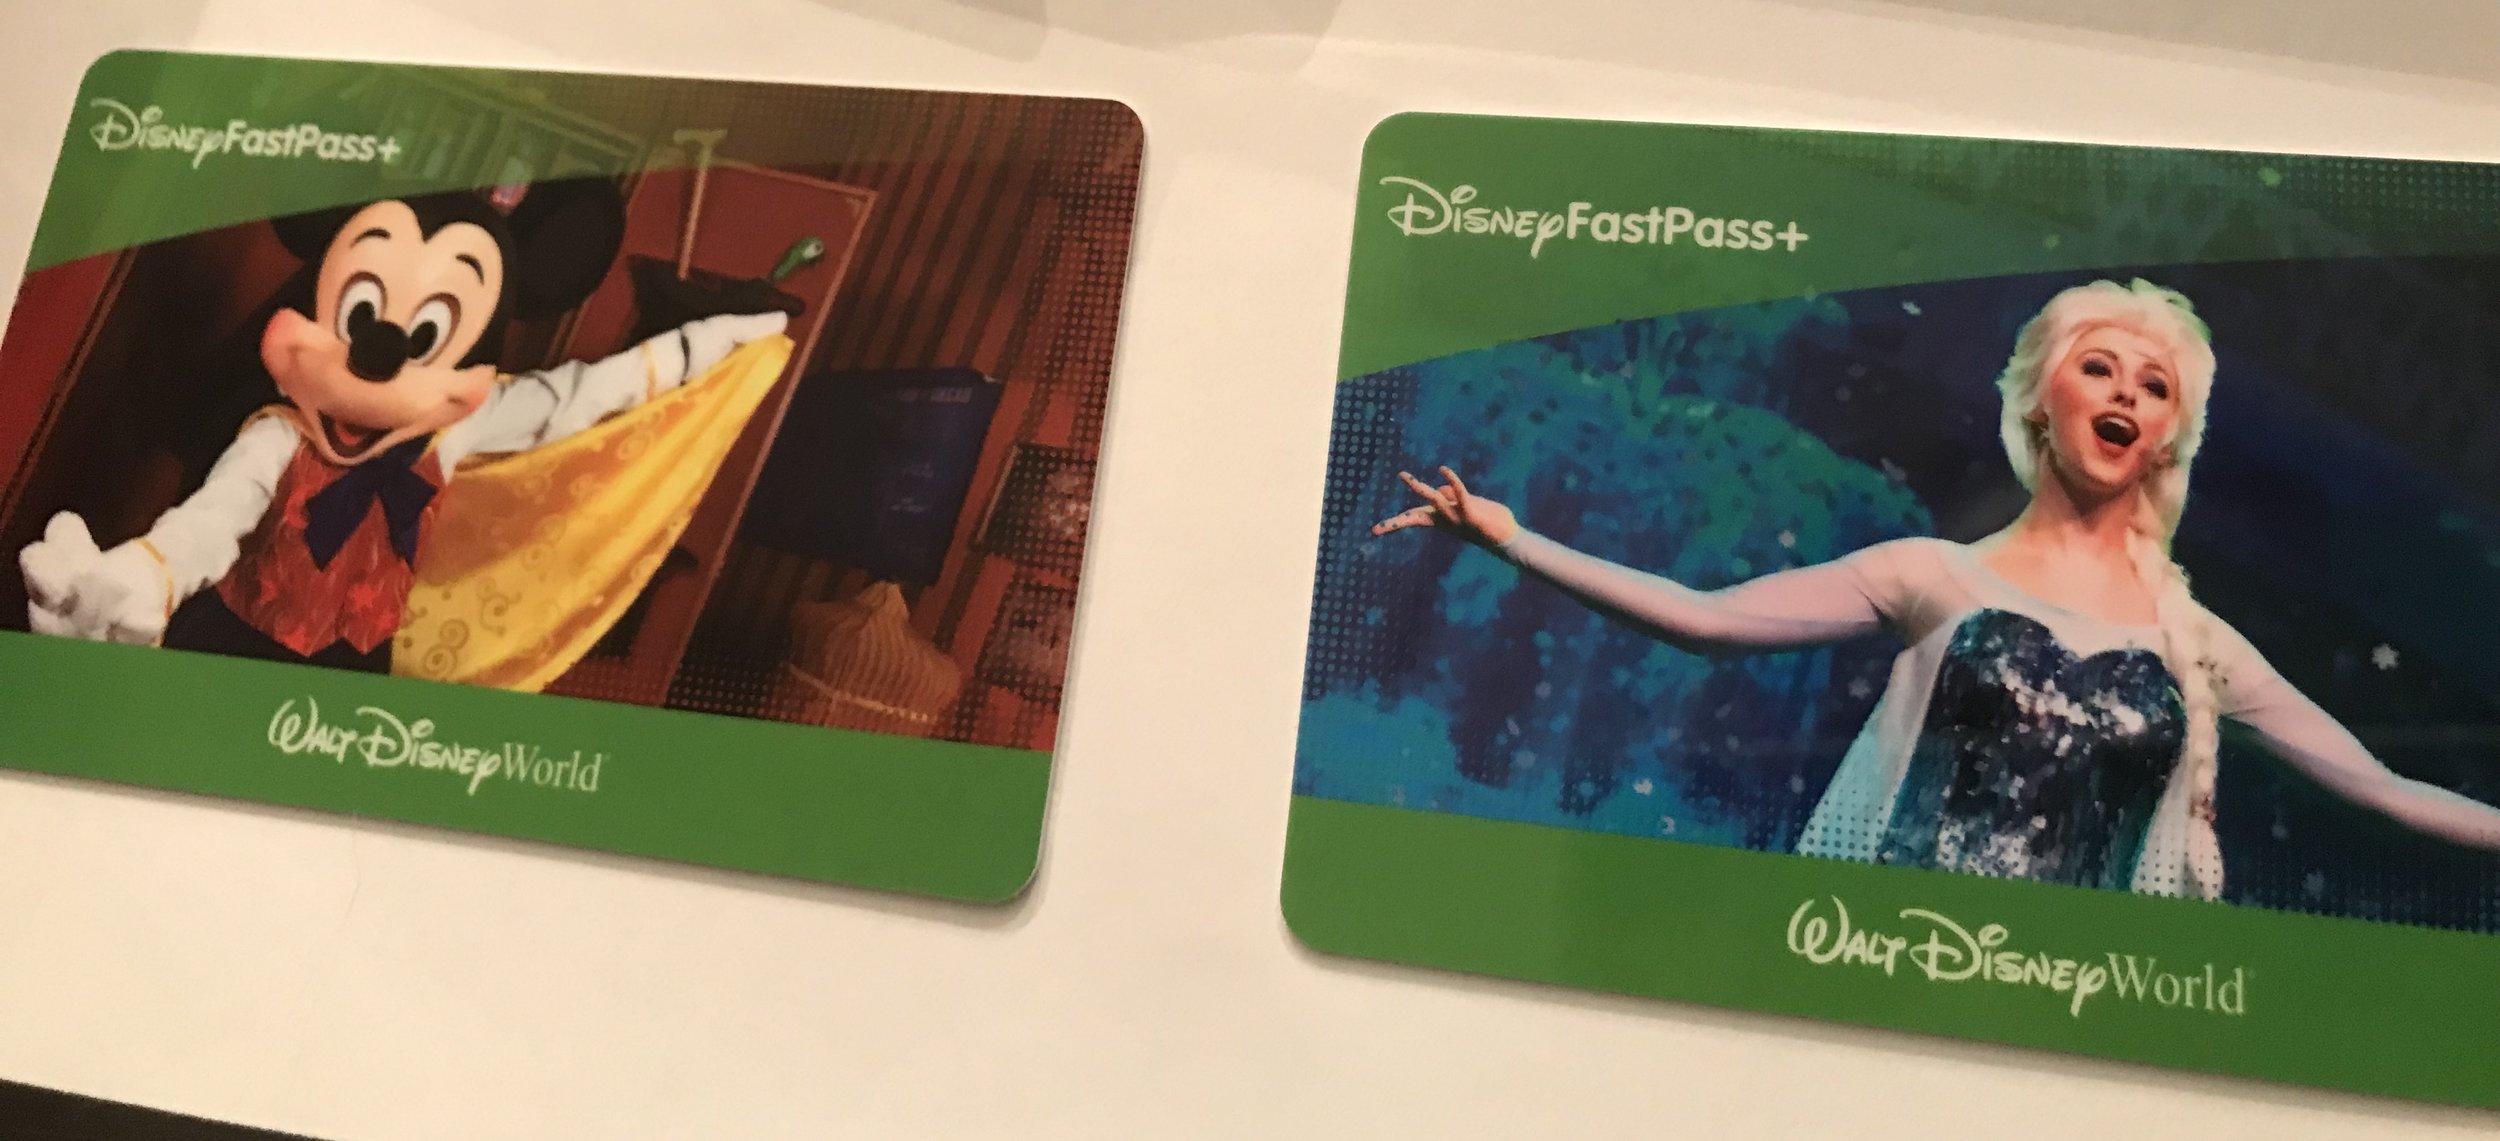 DisneyTickets3.jpg